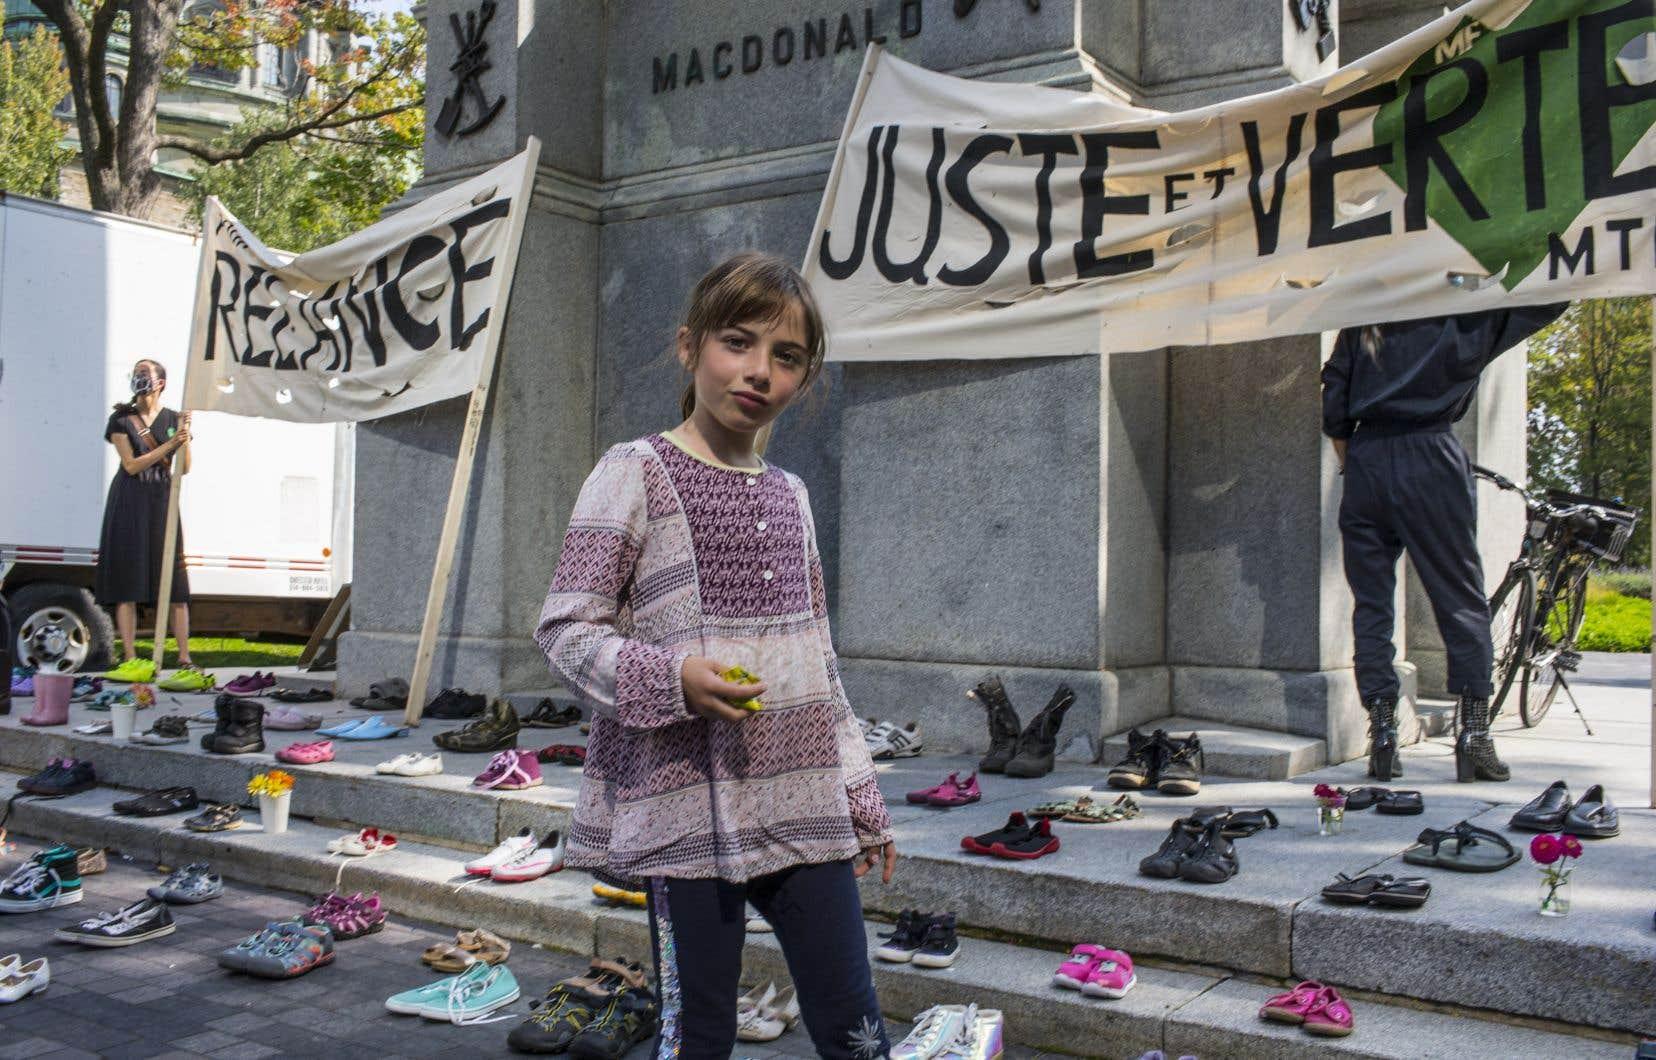 Les organisations militantes misent sur la convergence des luttes pour donner un nouveau souffle au mouvement.